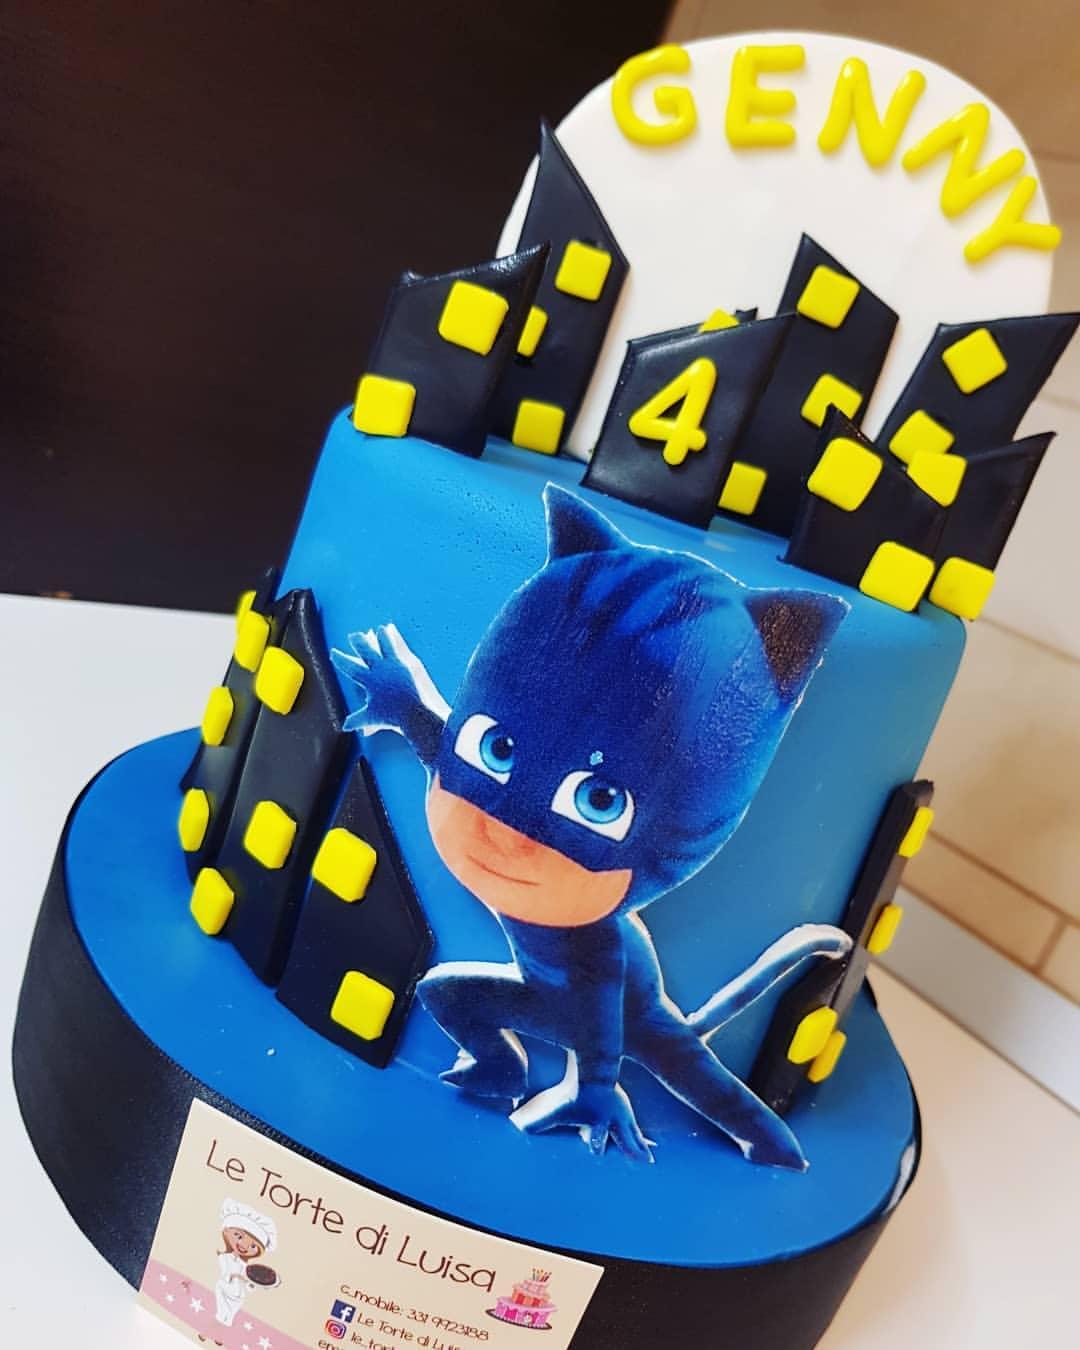 torta gattoboy